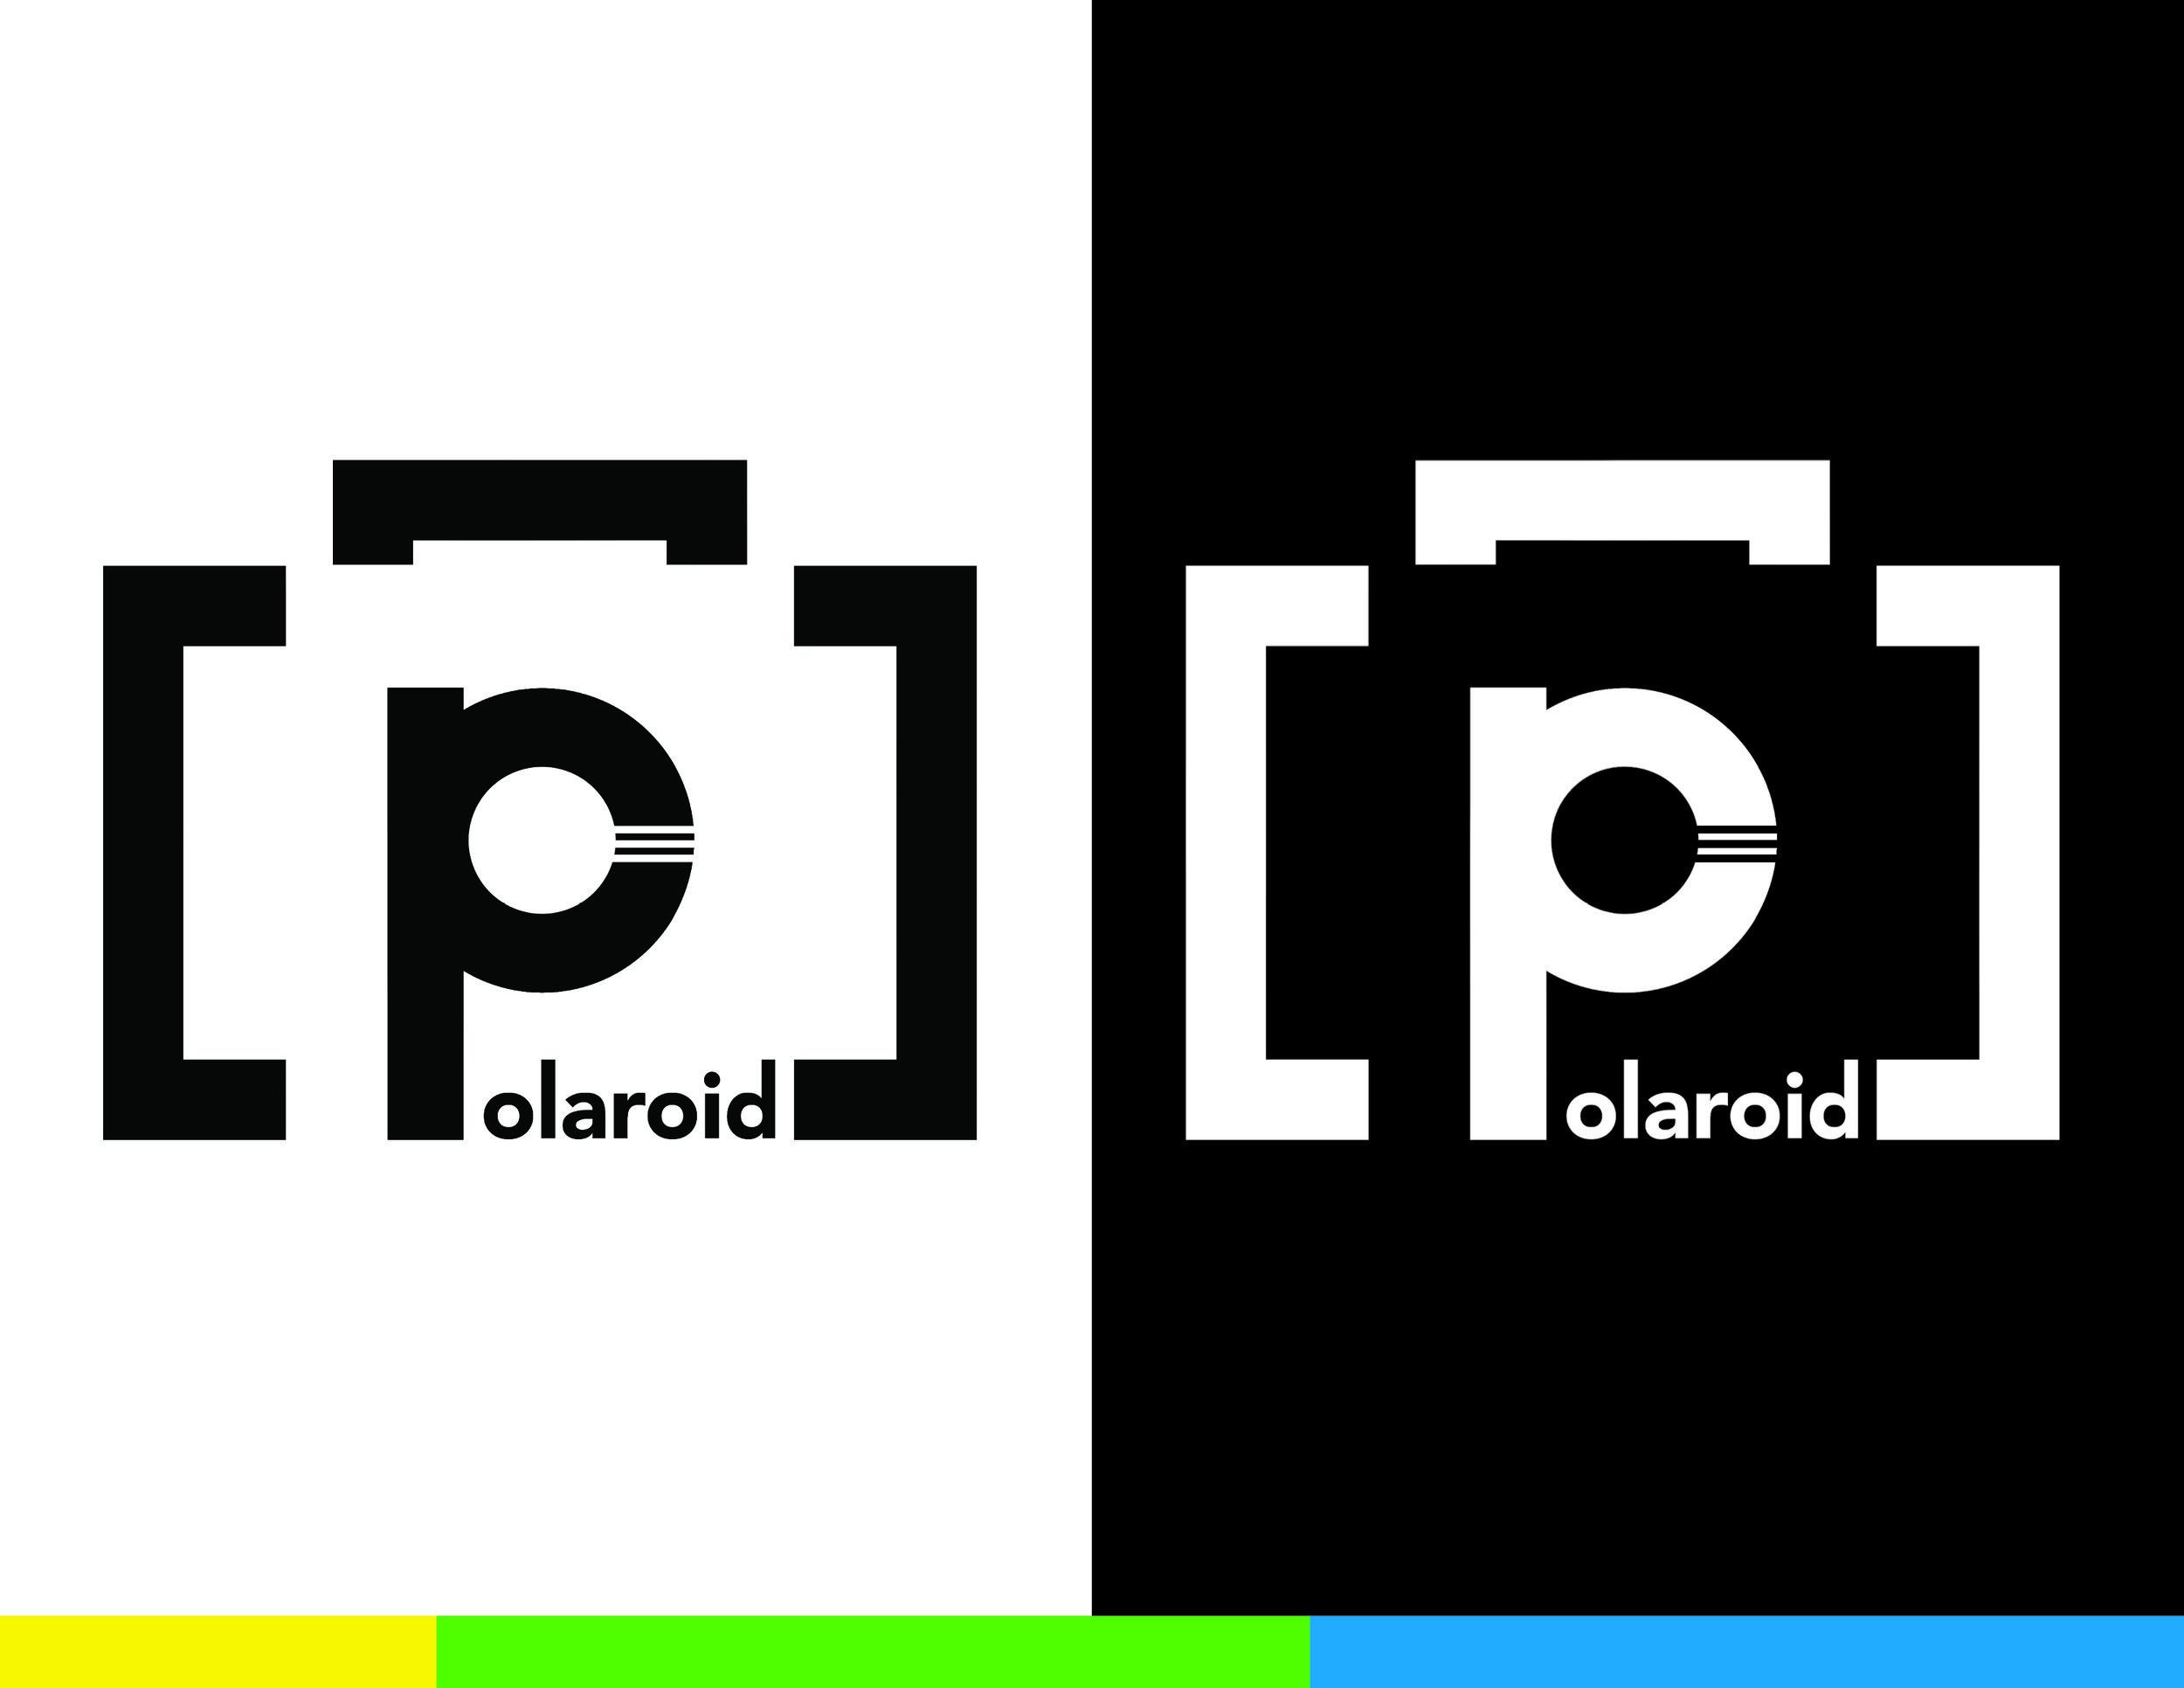 Polaroid Brand Guide 17.jpg